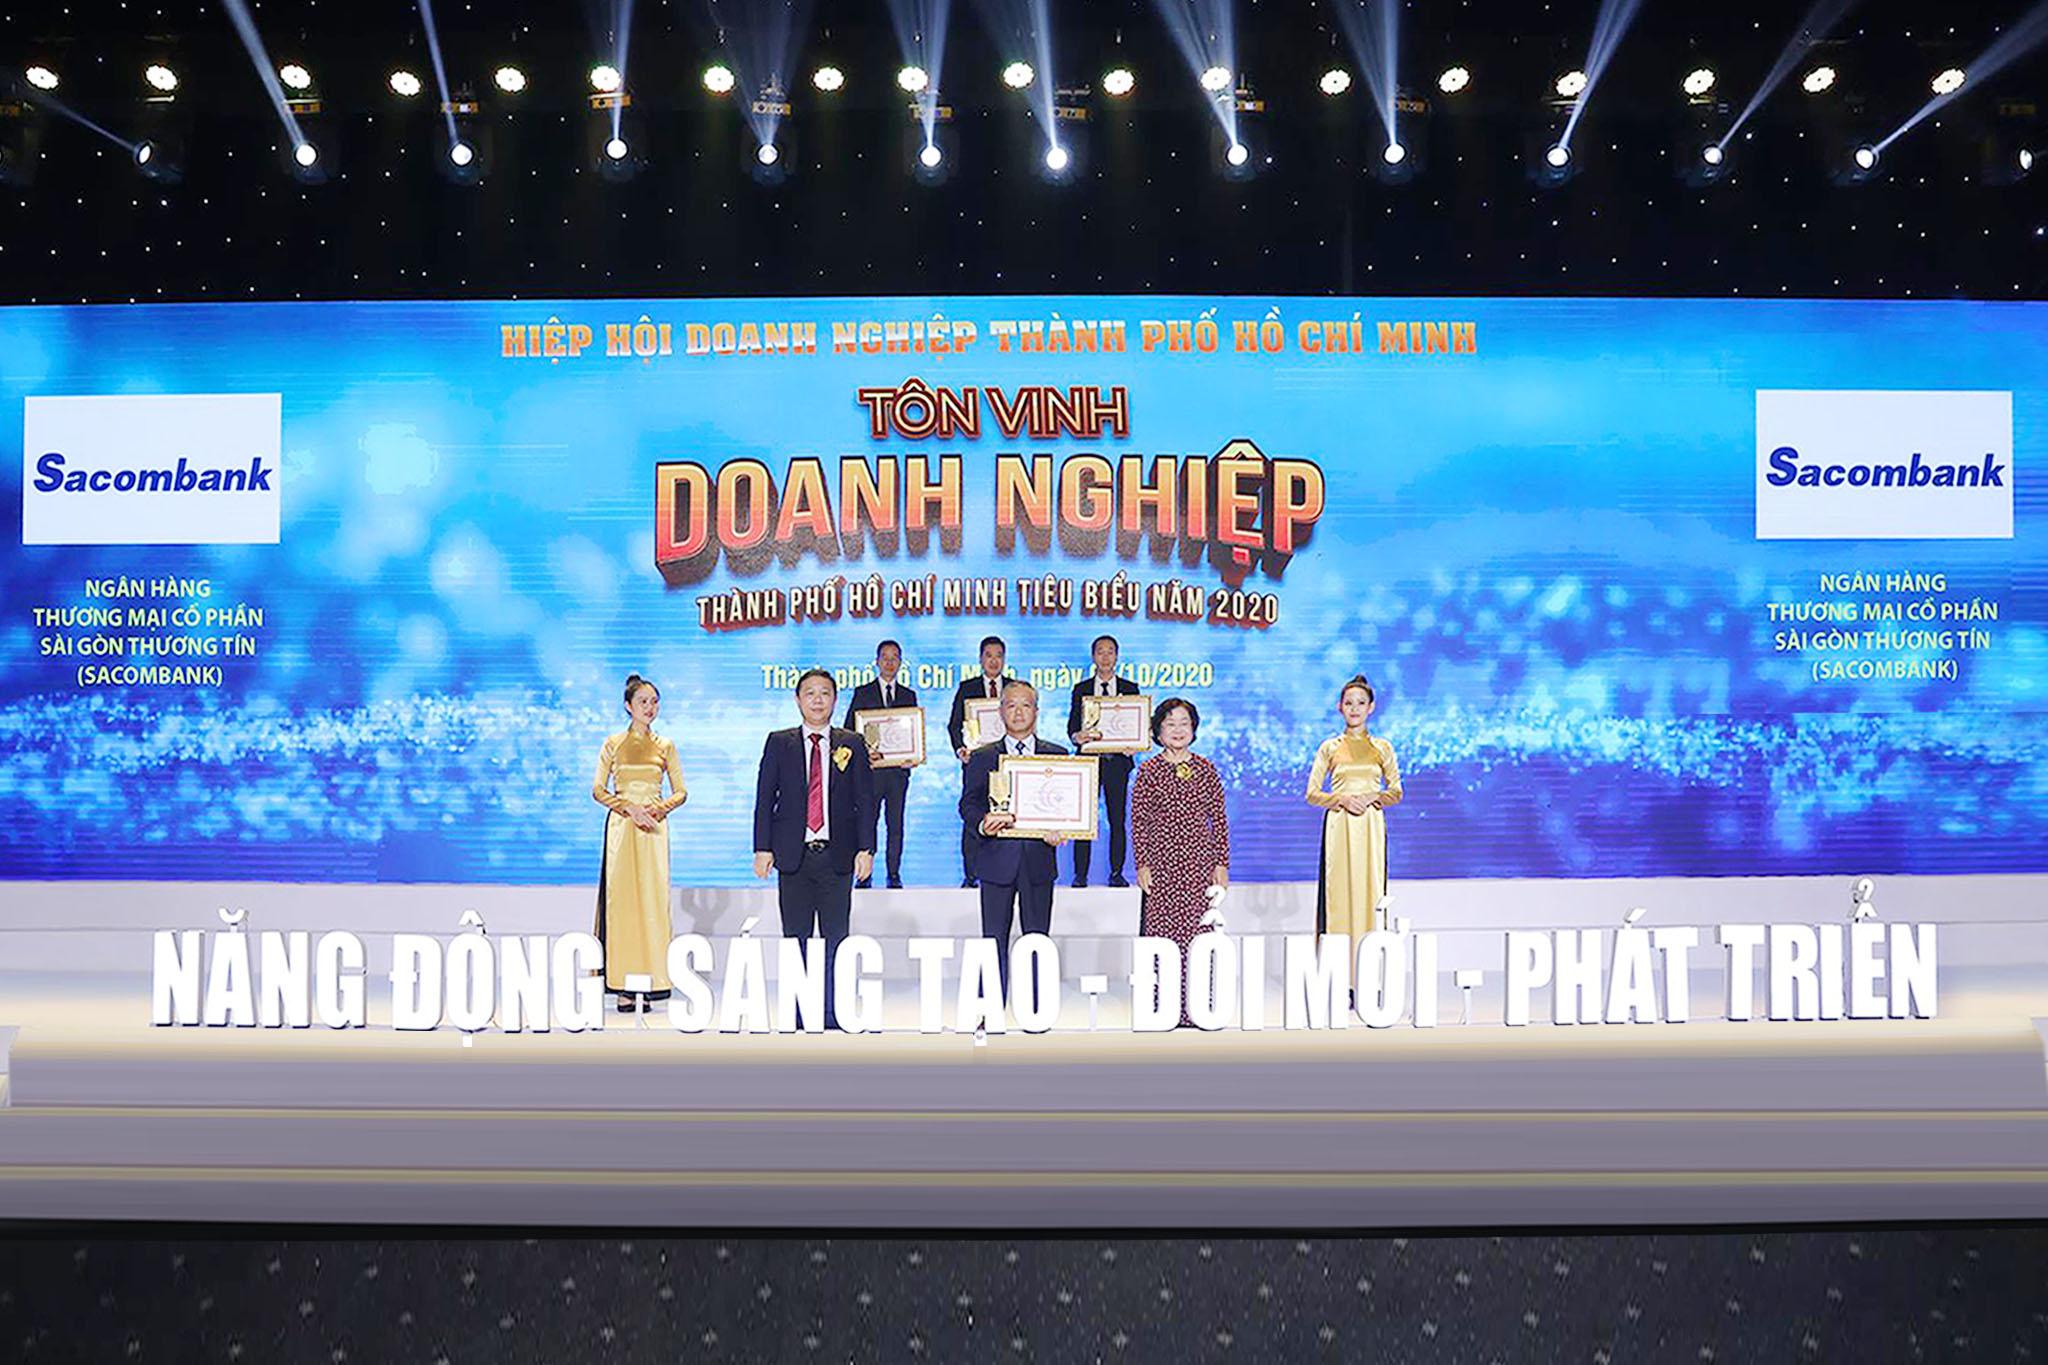 Đại diện Sacombank,  ông Phan Đình Tuệ - Phó TGĐ nhận danh hiệu Doanh nghiệp tiêu biểu TP.HCM năm 2020